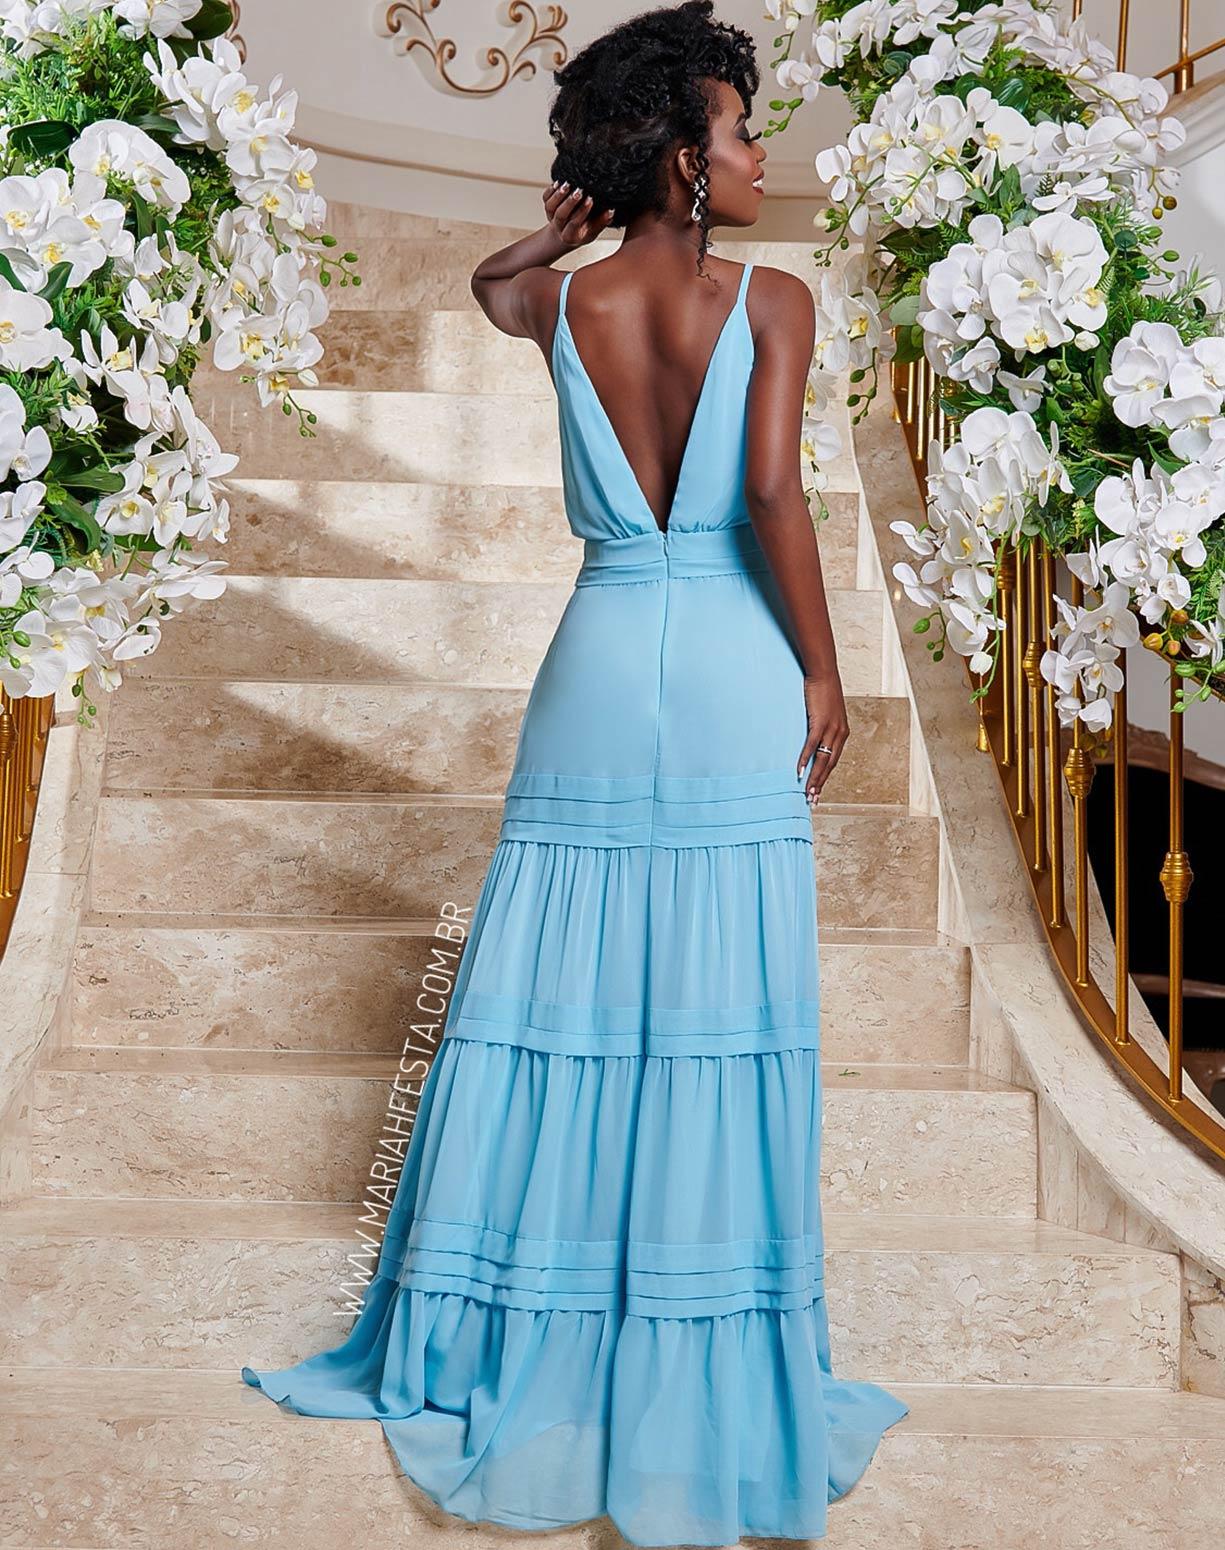 Vestido Azul Serenity  com Decote e Saia em Camadas